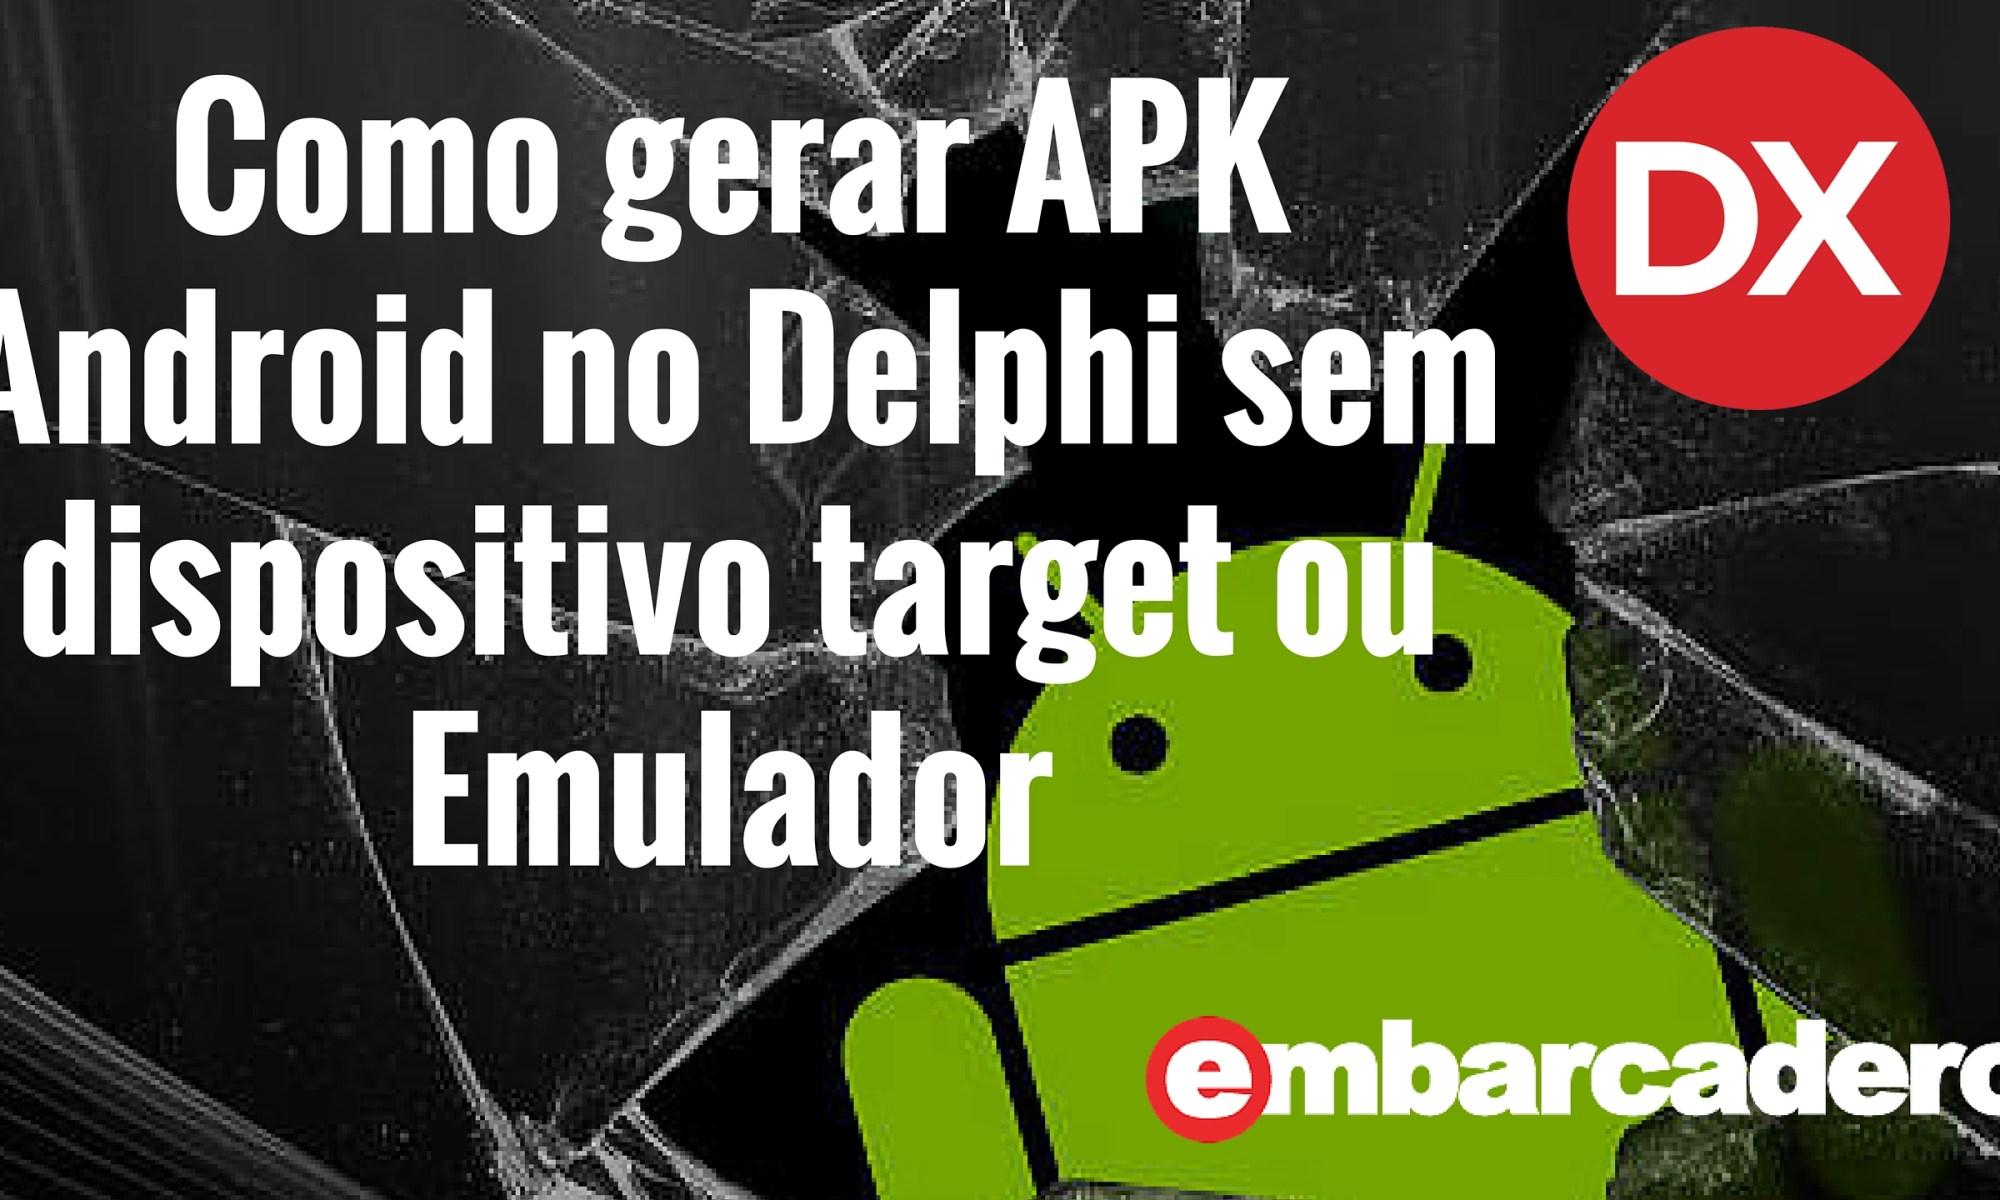 Como gerar um APK Android mesmo sem utilizar o Emulador ou ter um dispositivo conectado ao Delphi.